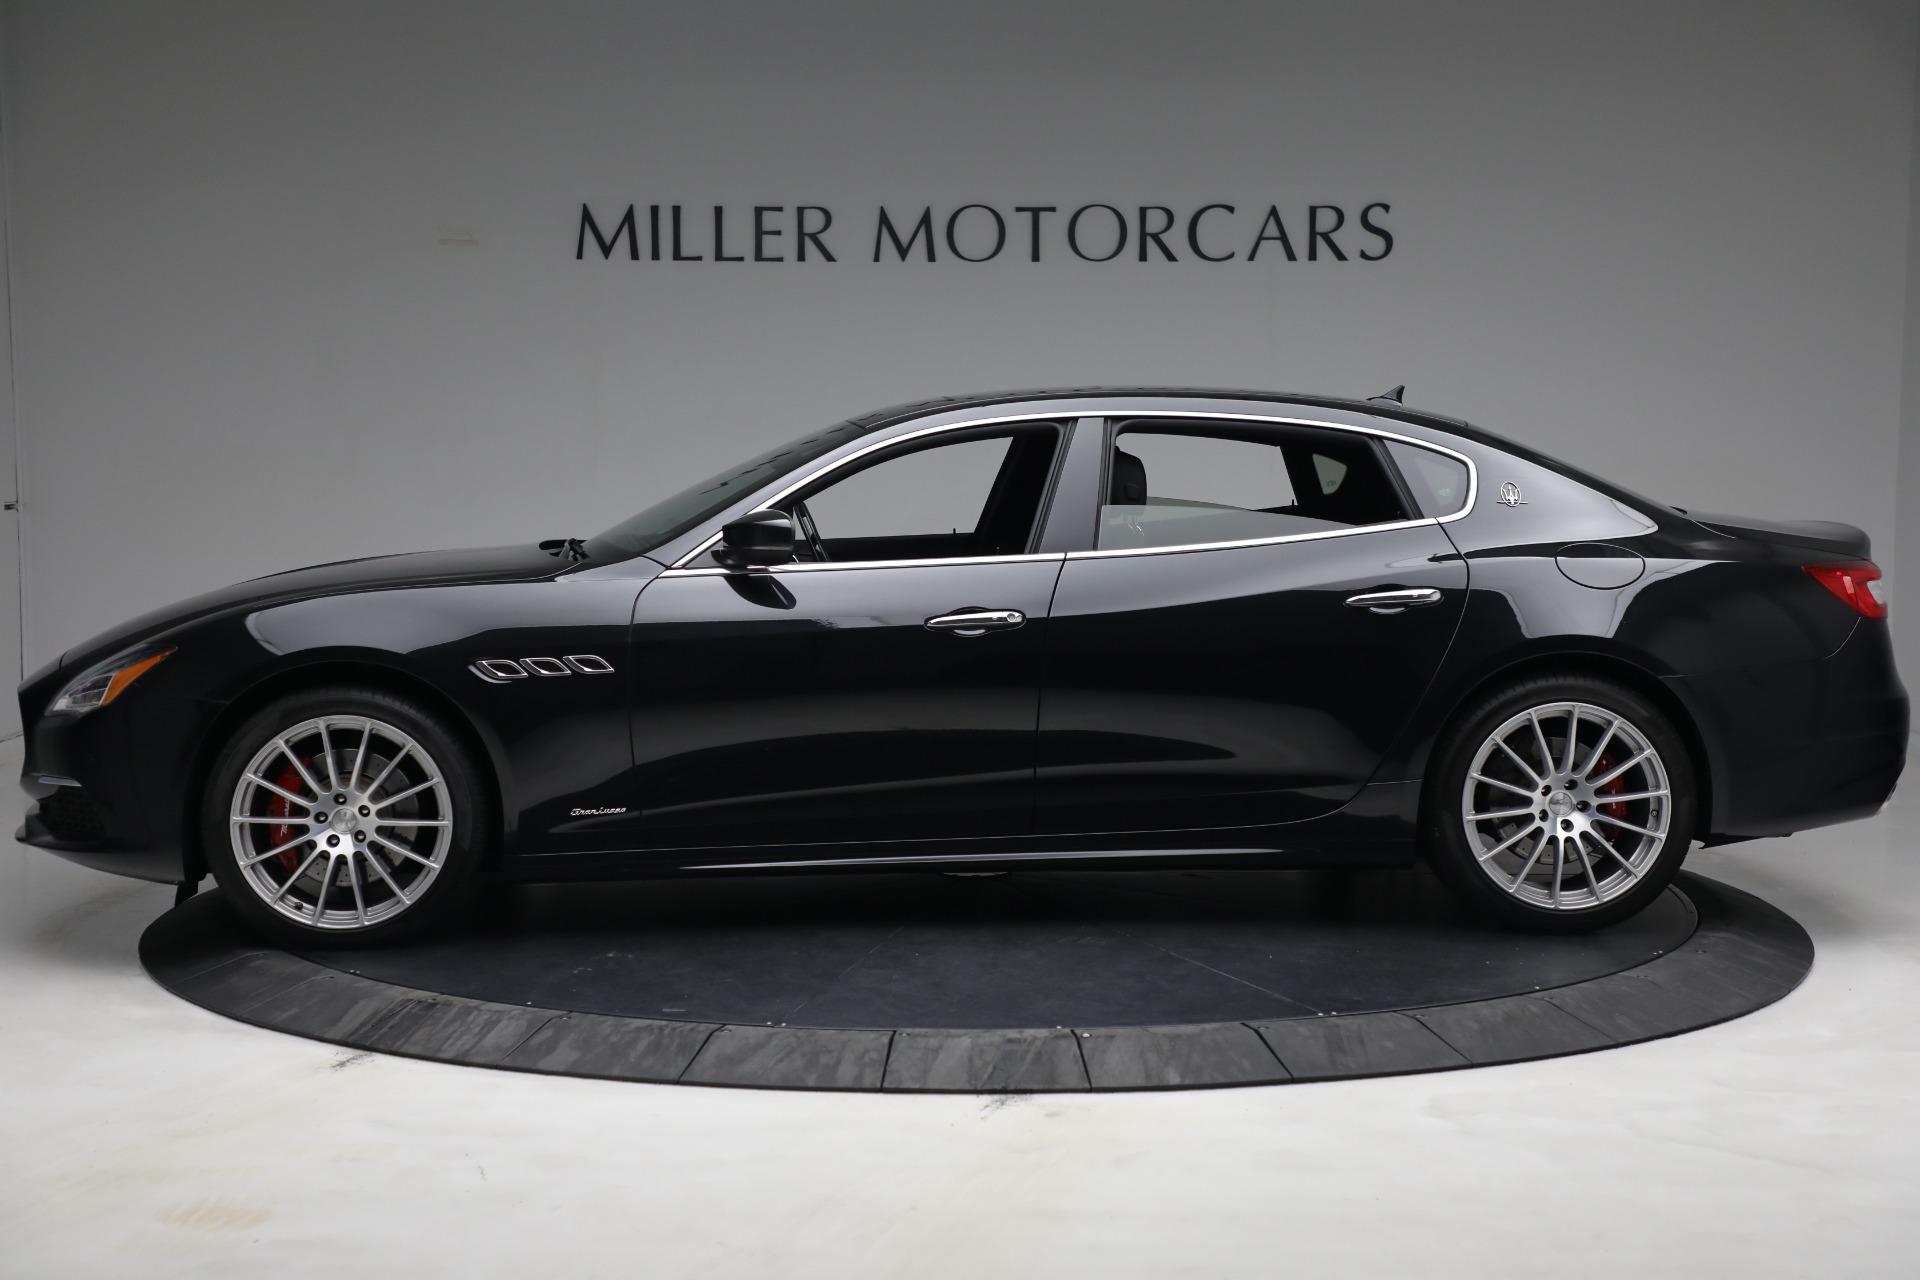 New 2019 Maserati Quattroporte S Q4 GranLusso For Sale In Westport, CT 2619_p3